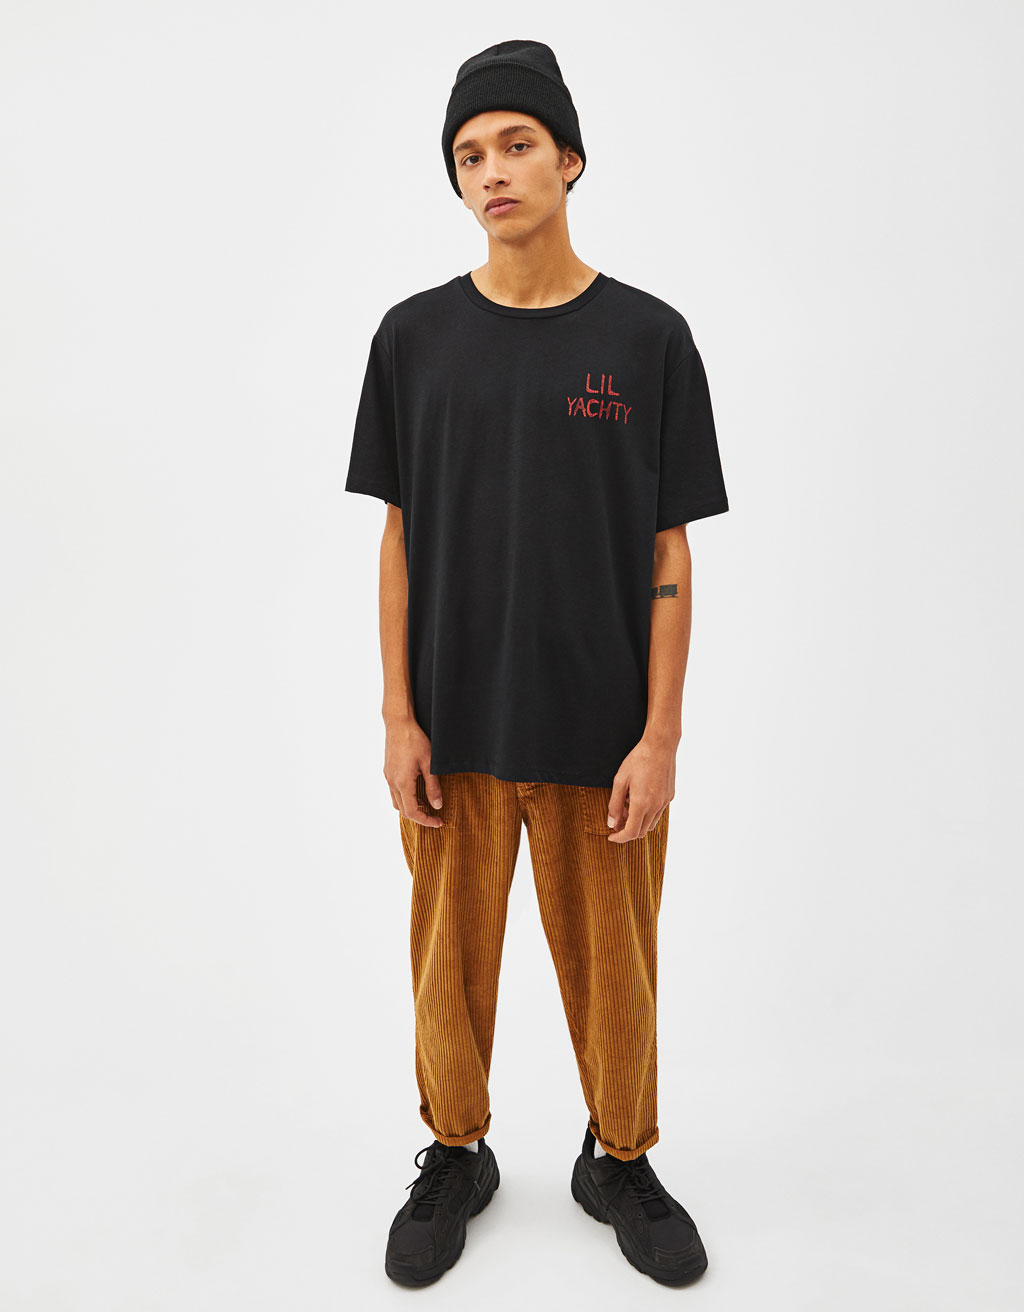 Lil Yachty 티셔츠